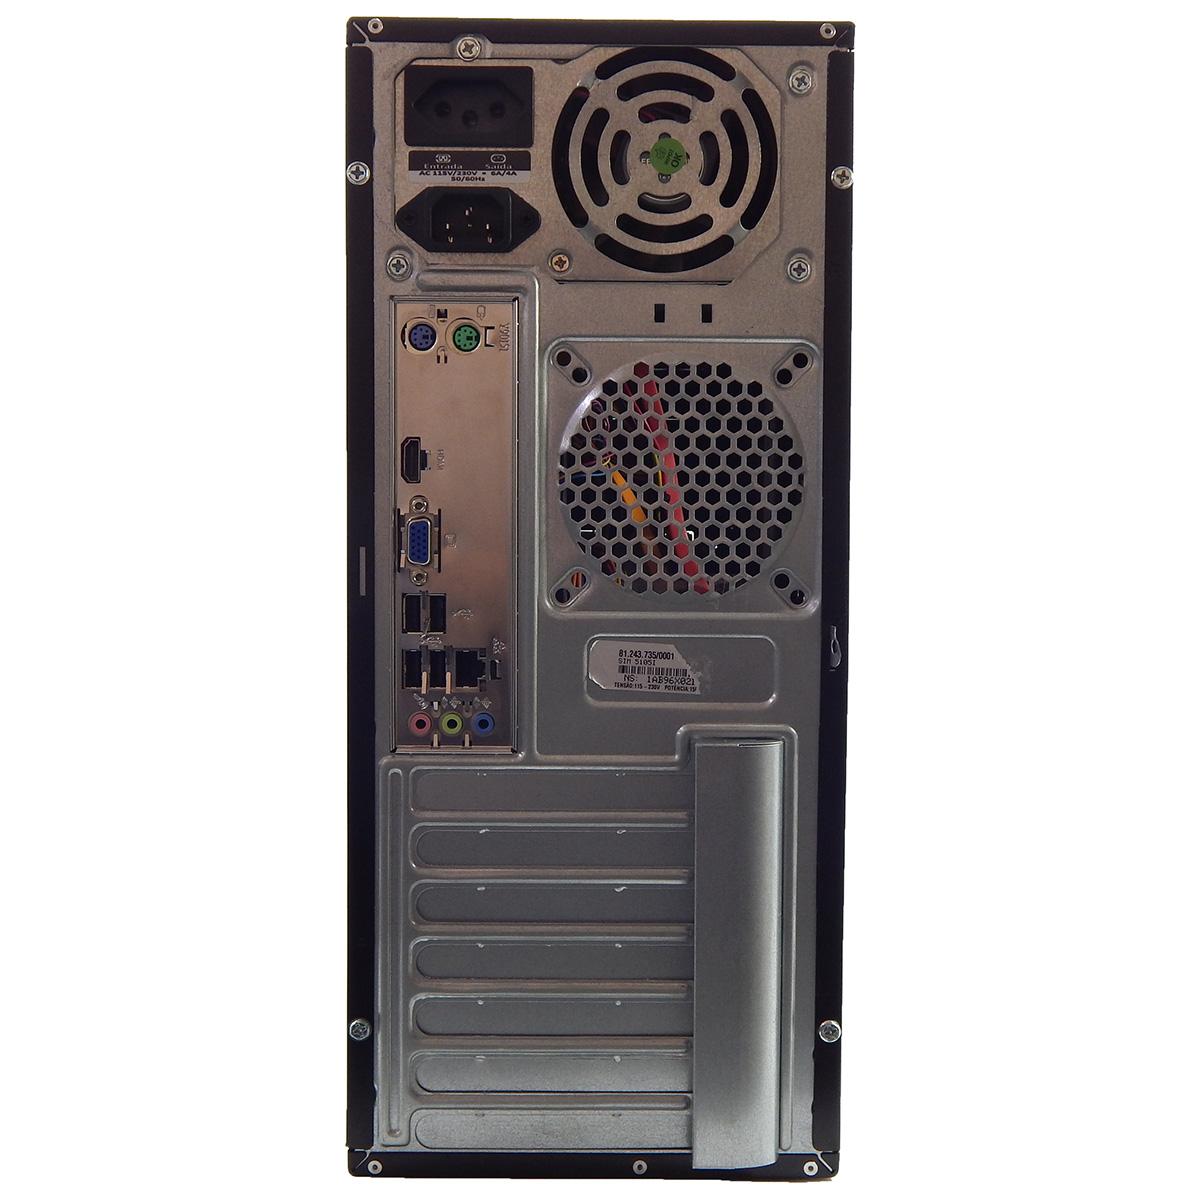 PC POSITIVO SIM 5105i Celeron G620 4Gb 500Gb DVD - Reembalado